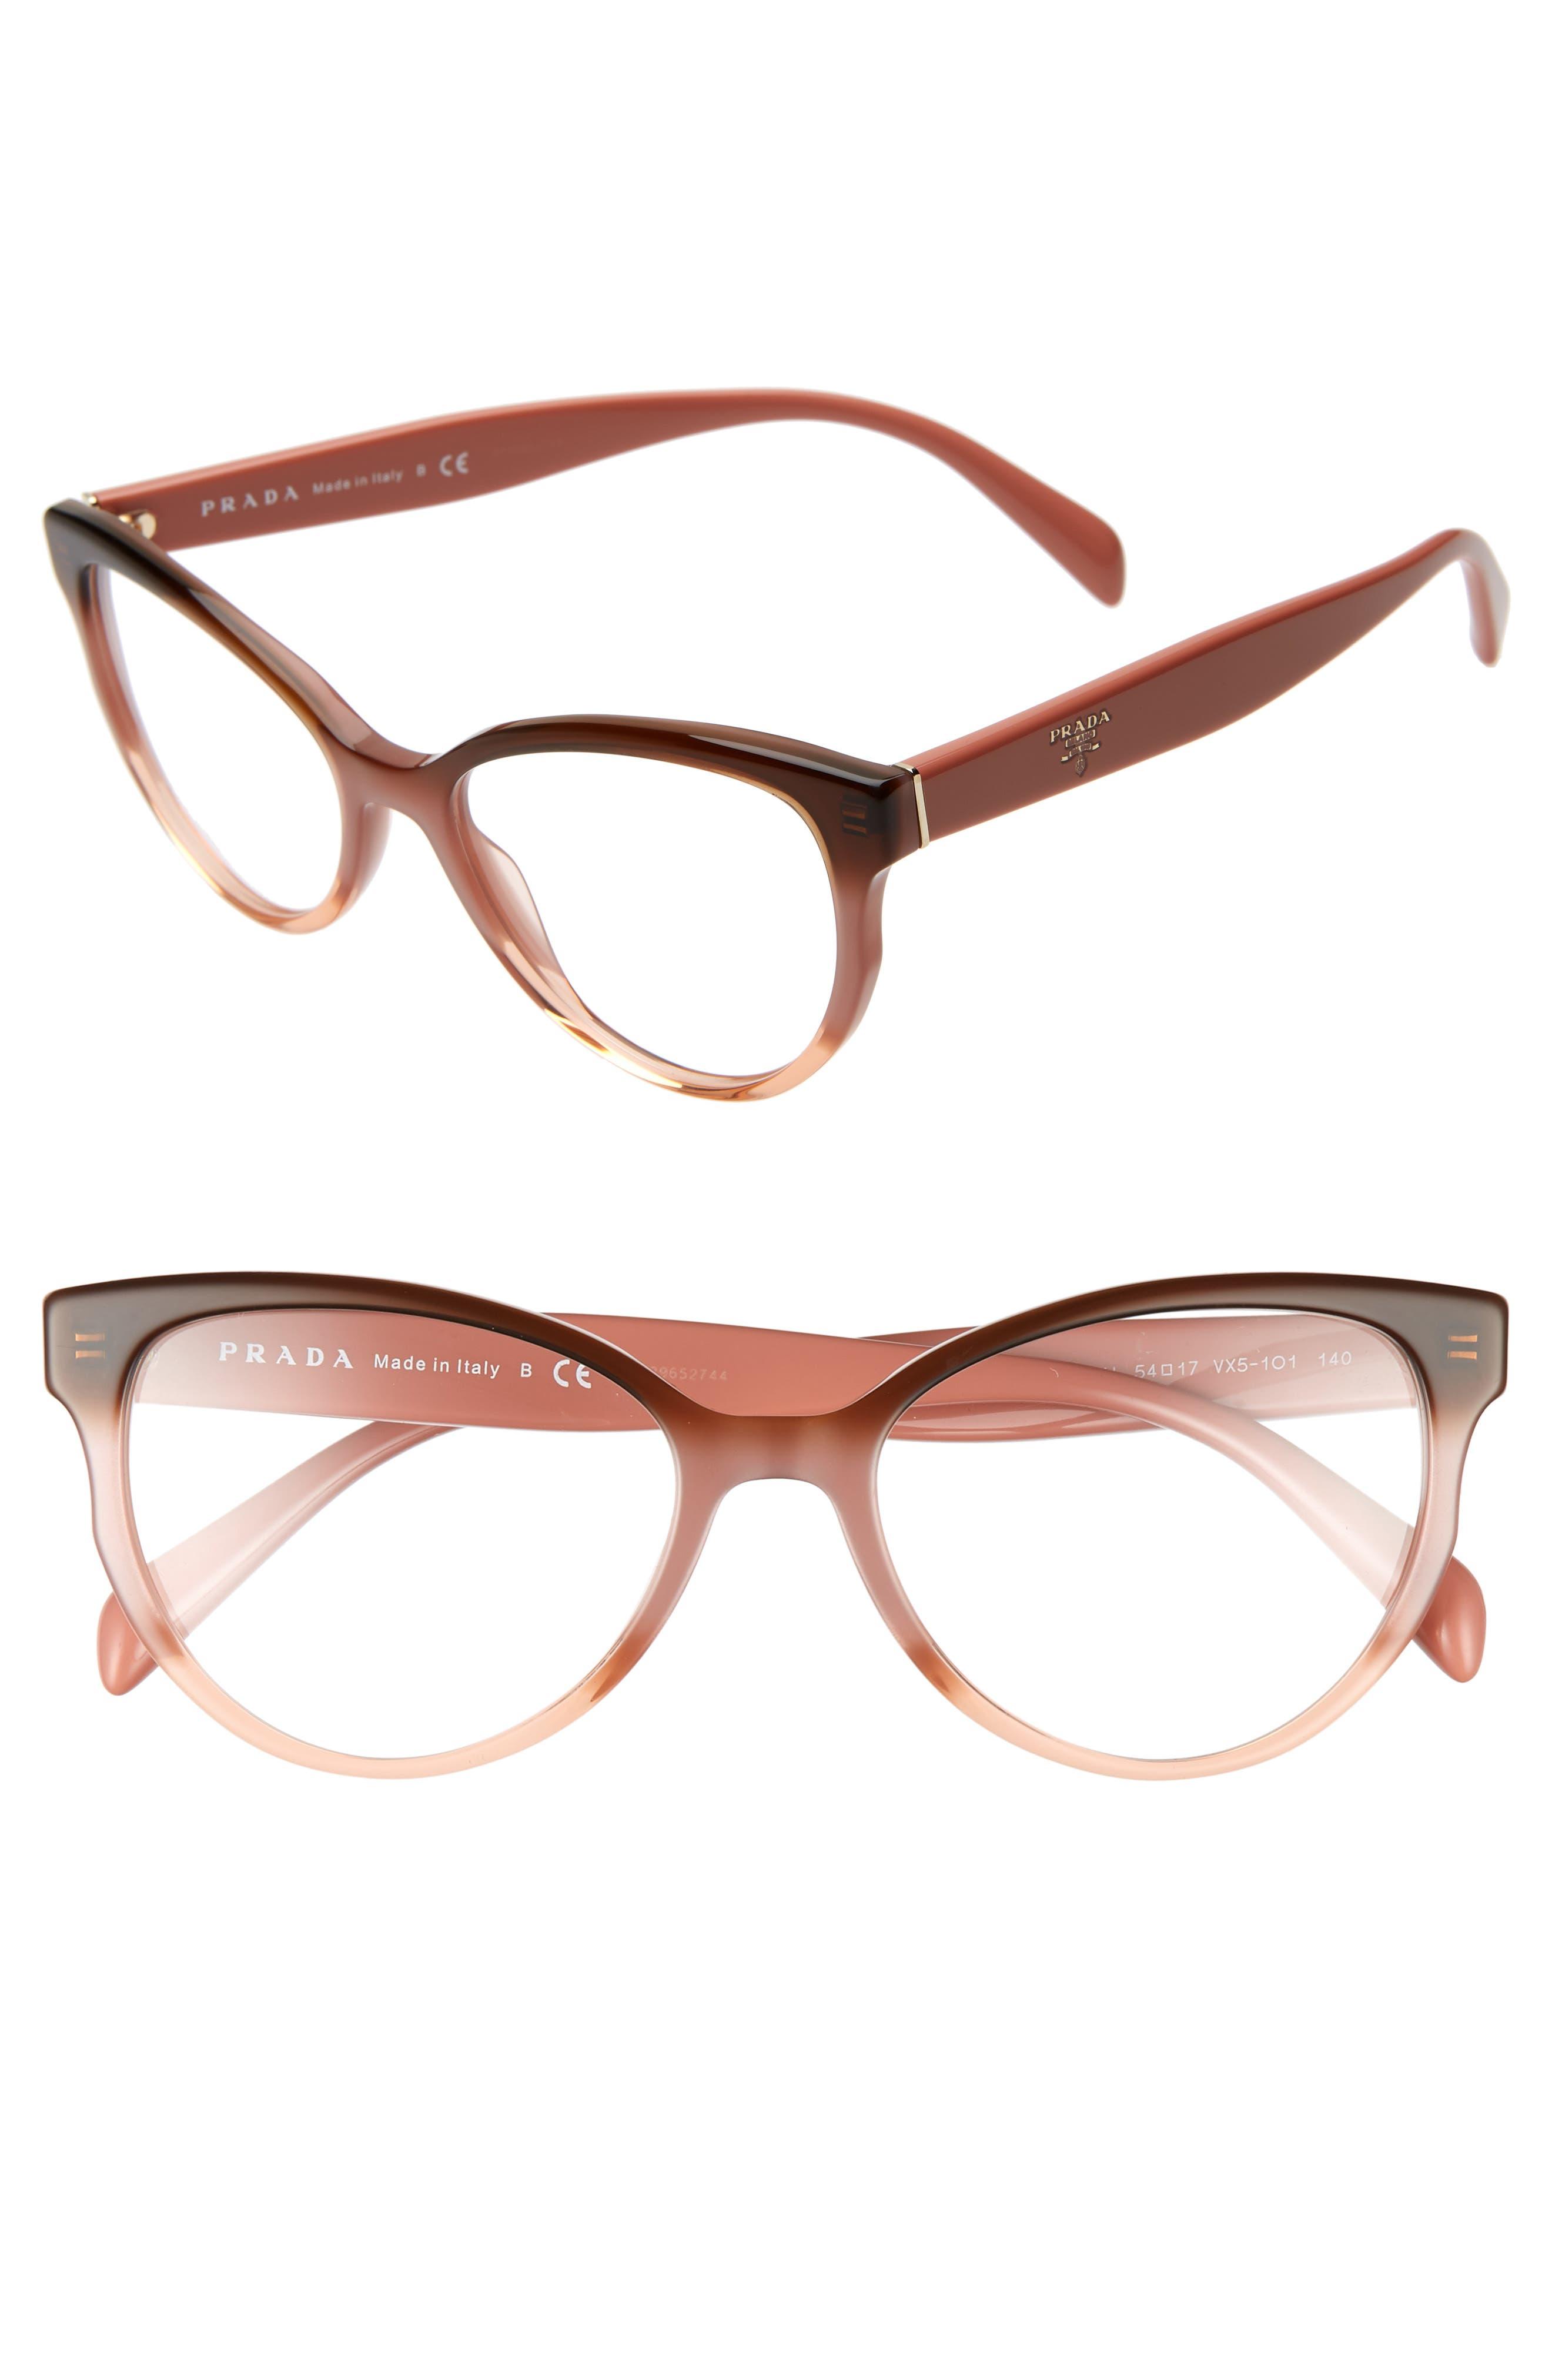 PRADA 54mm Cat Eye Optical Glasses, Main, color, 200